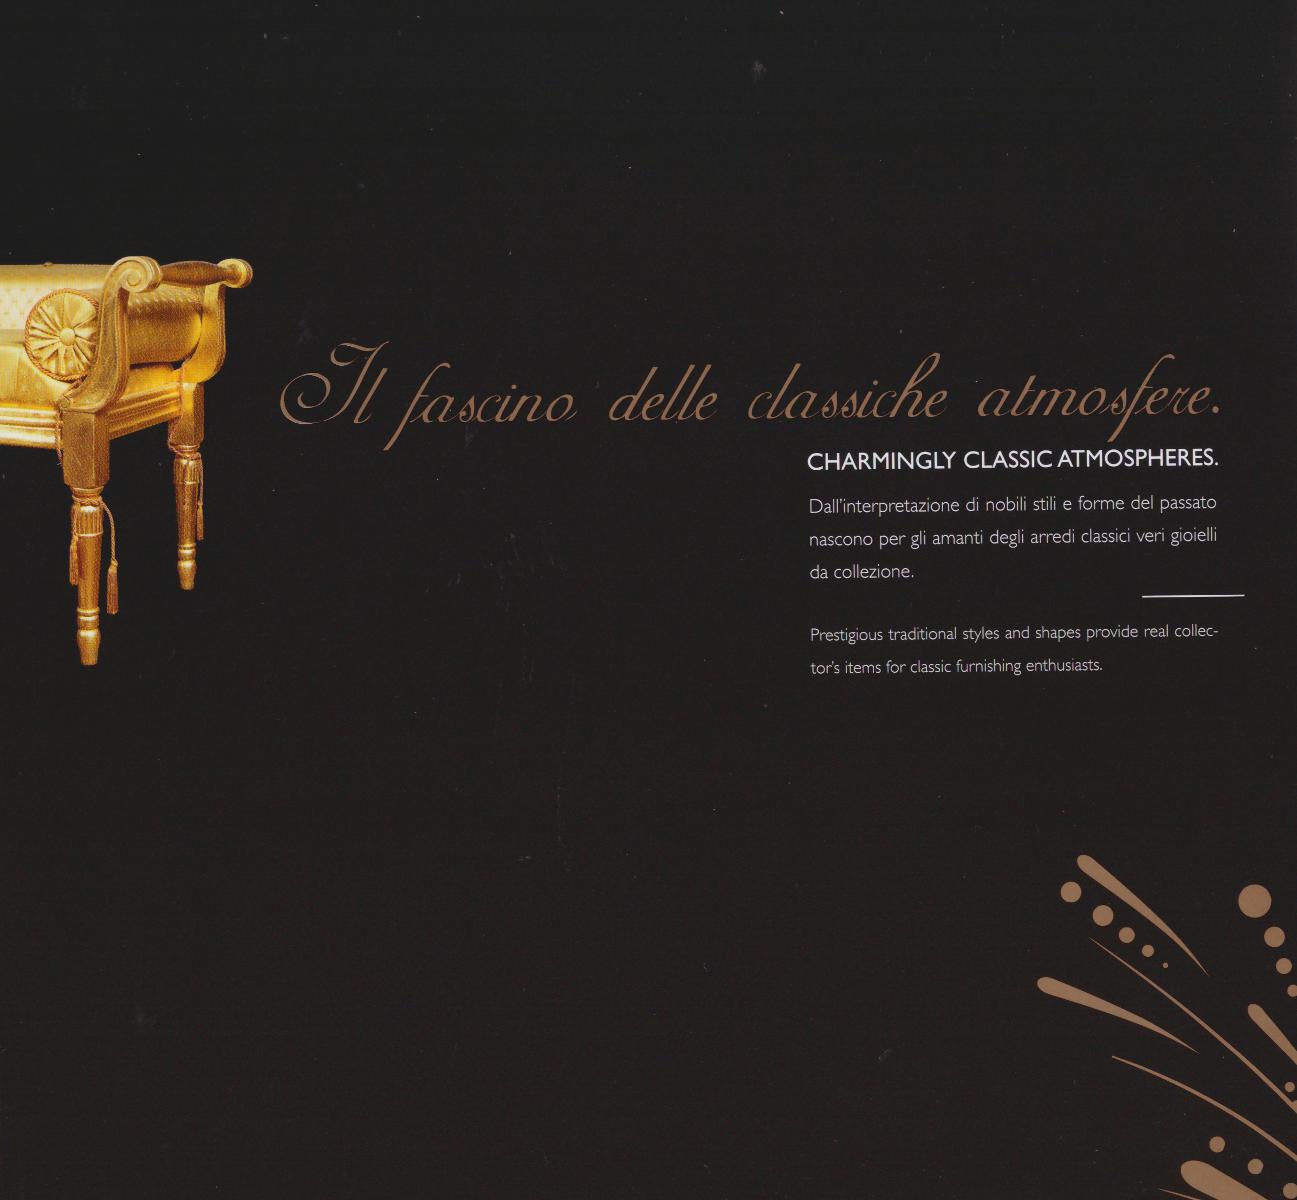 il_fascino_delle_classiche_atmosfere